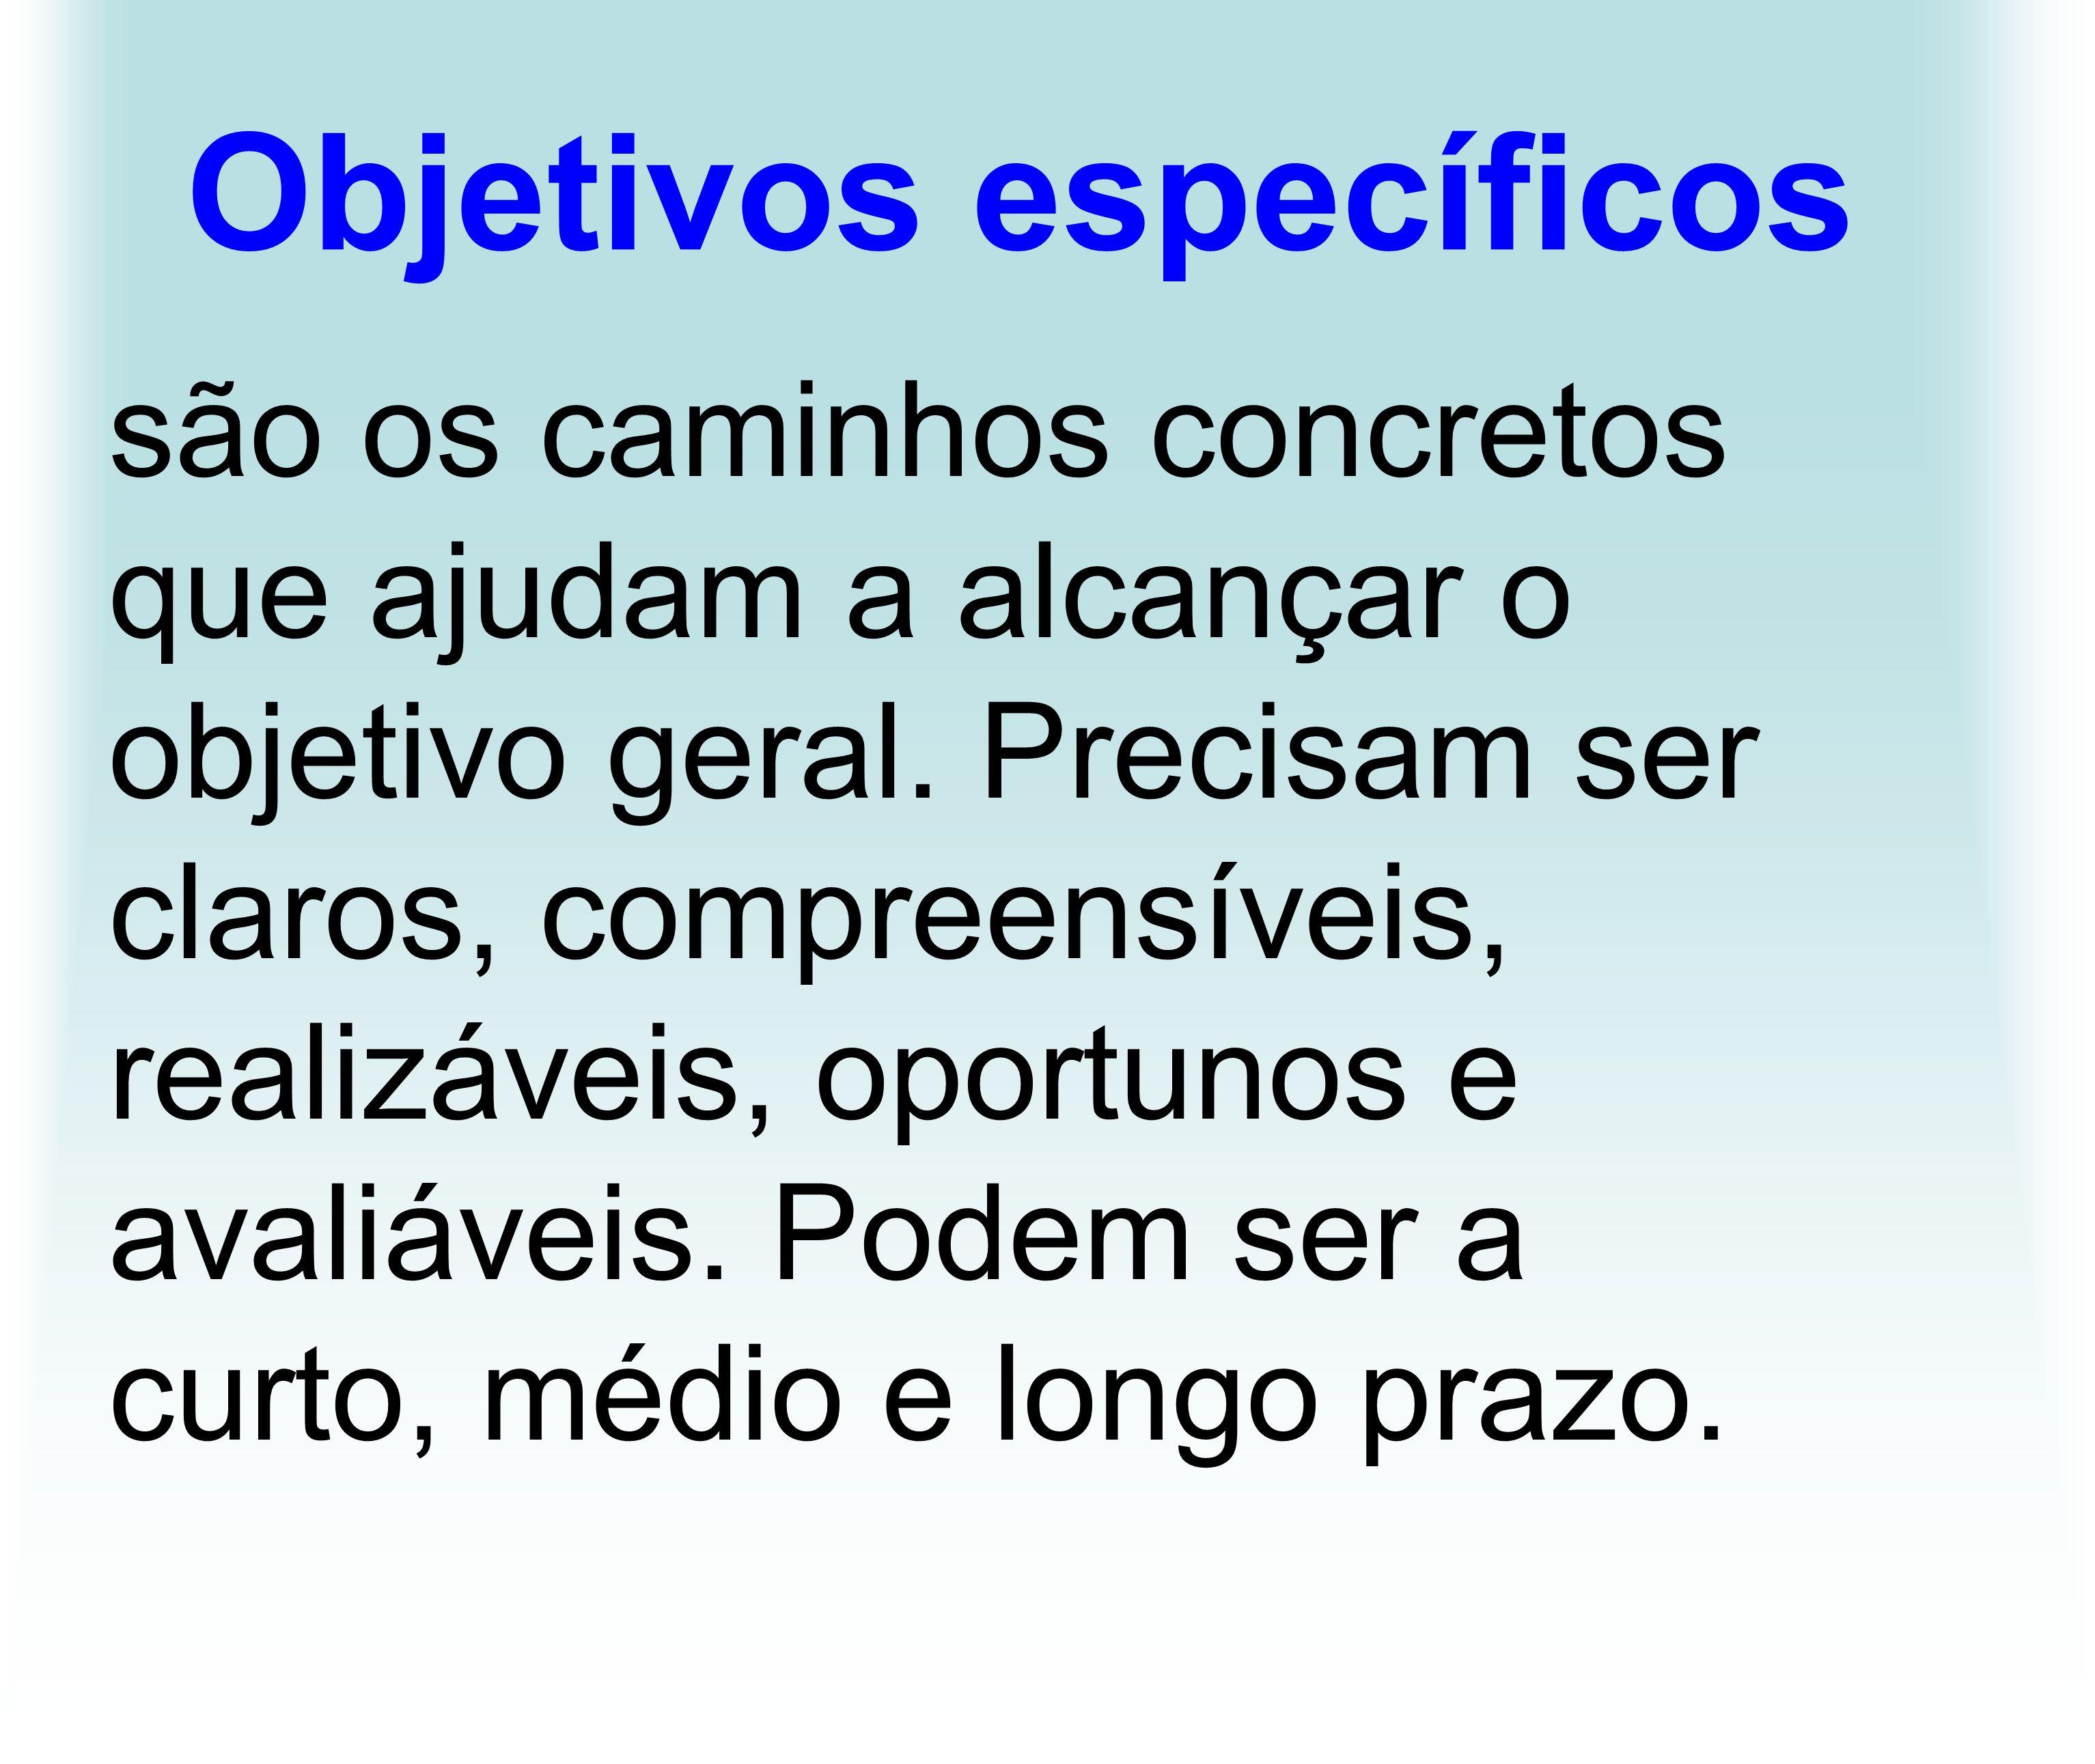 Objetivos específicos são os caminhos concretos que ajudam a alcançar o objetivo geral. Precisam ser claros, compreensíveis, realizáveis, oportunos e